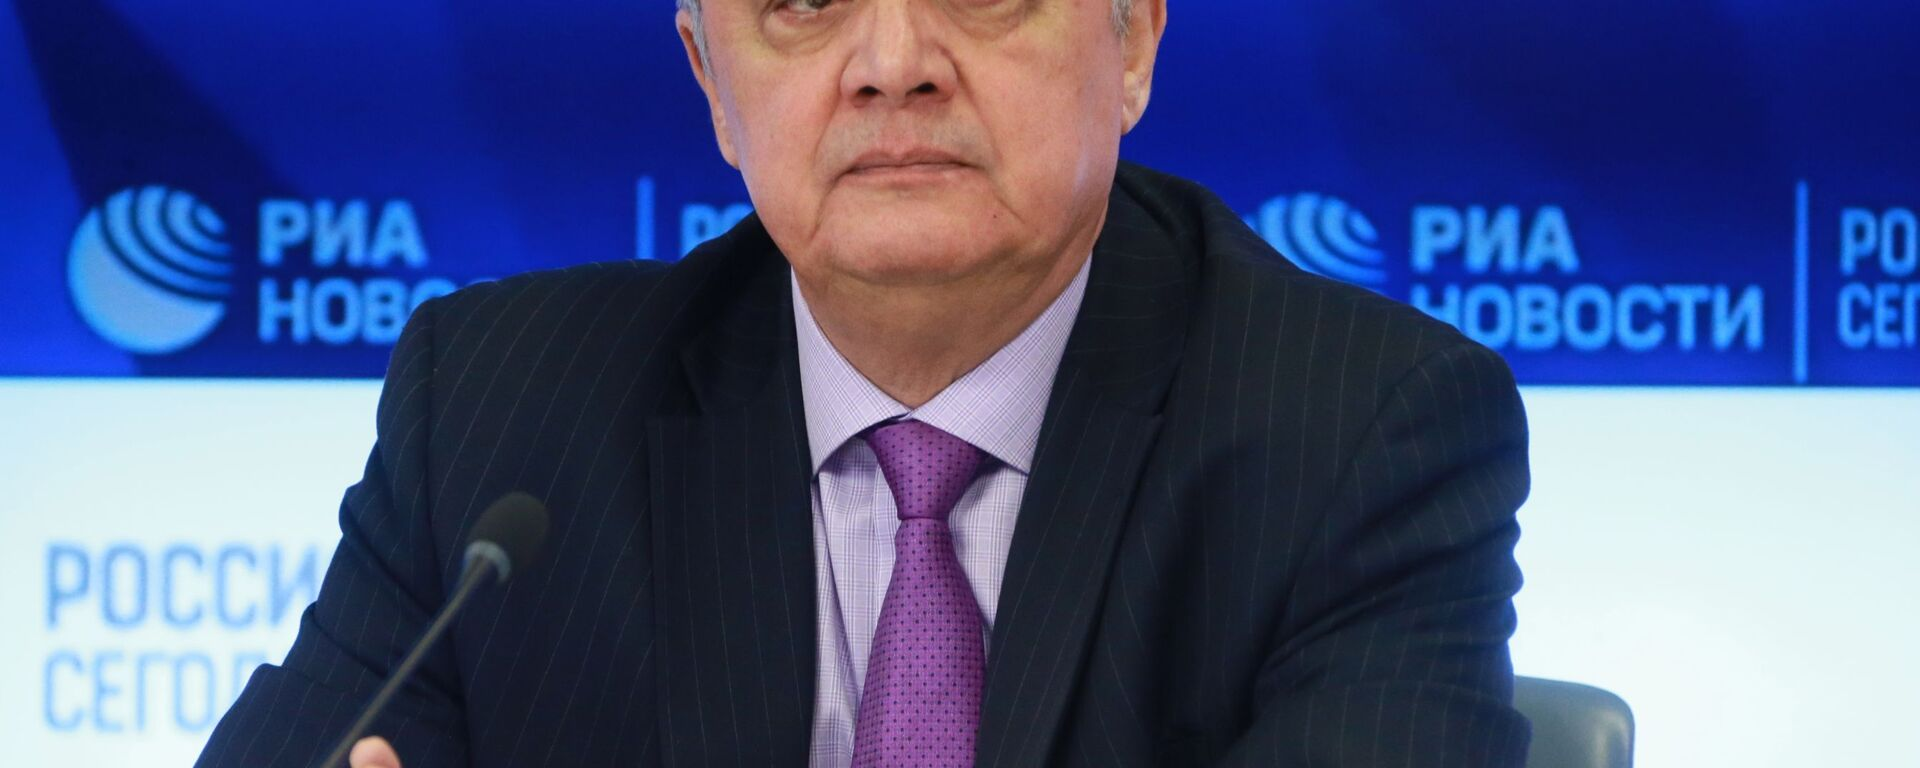 Замир Кабулов - Sputnik Армения, 1920, 14.02.2019